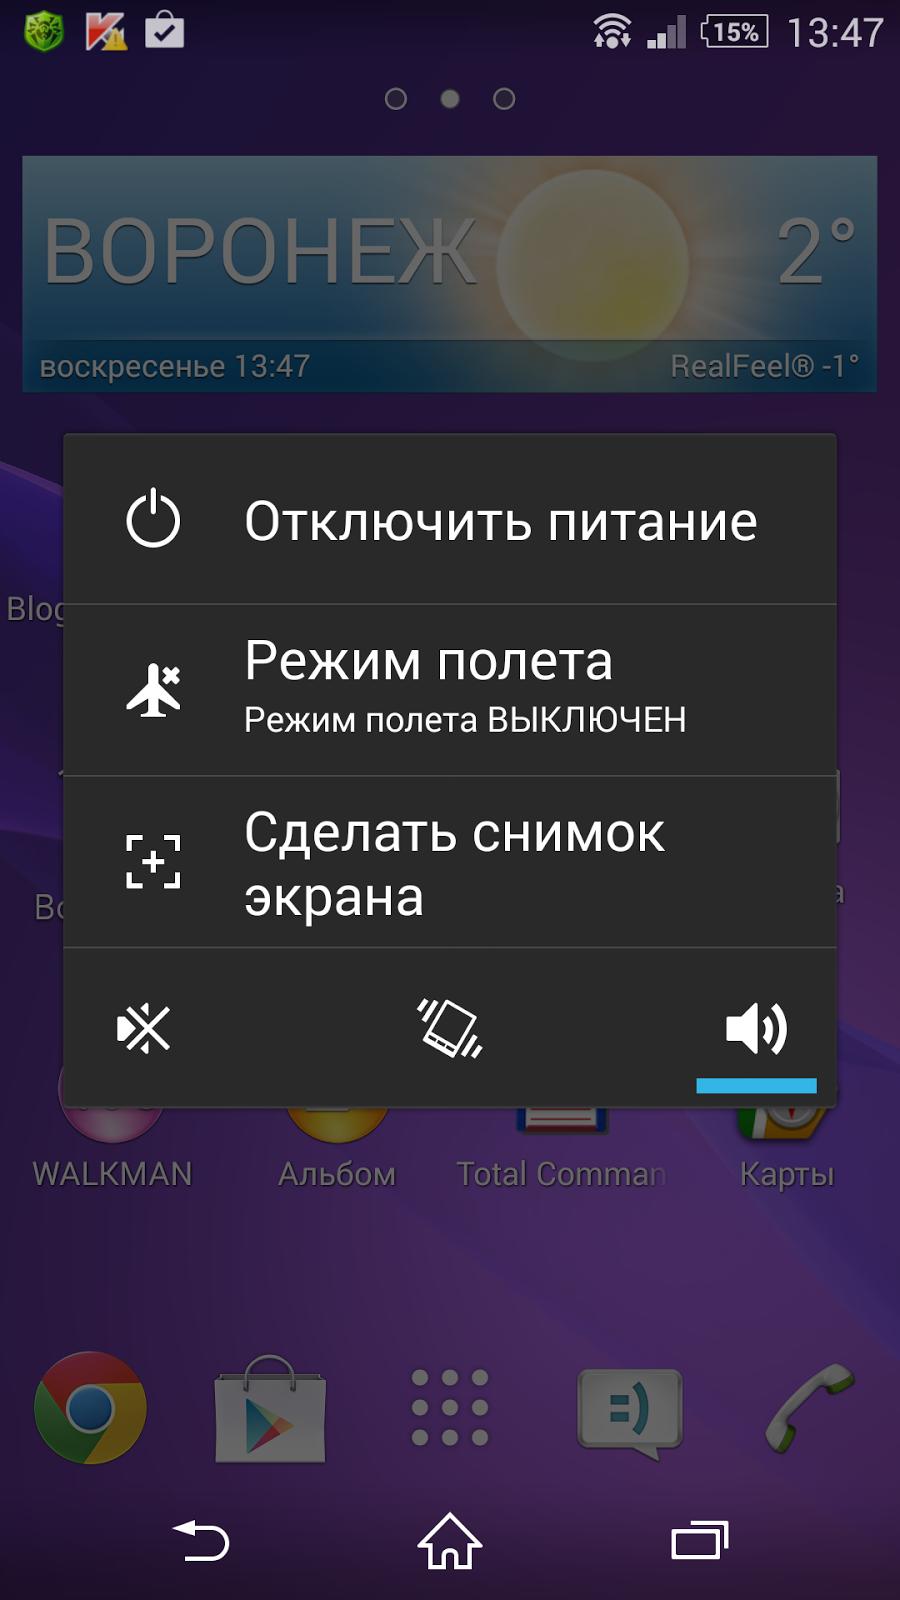 Как сделать скриншот заблокированного экрана